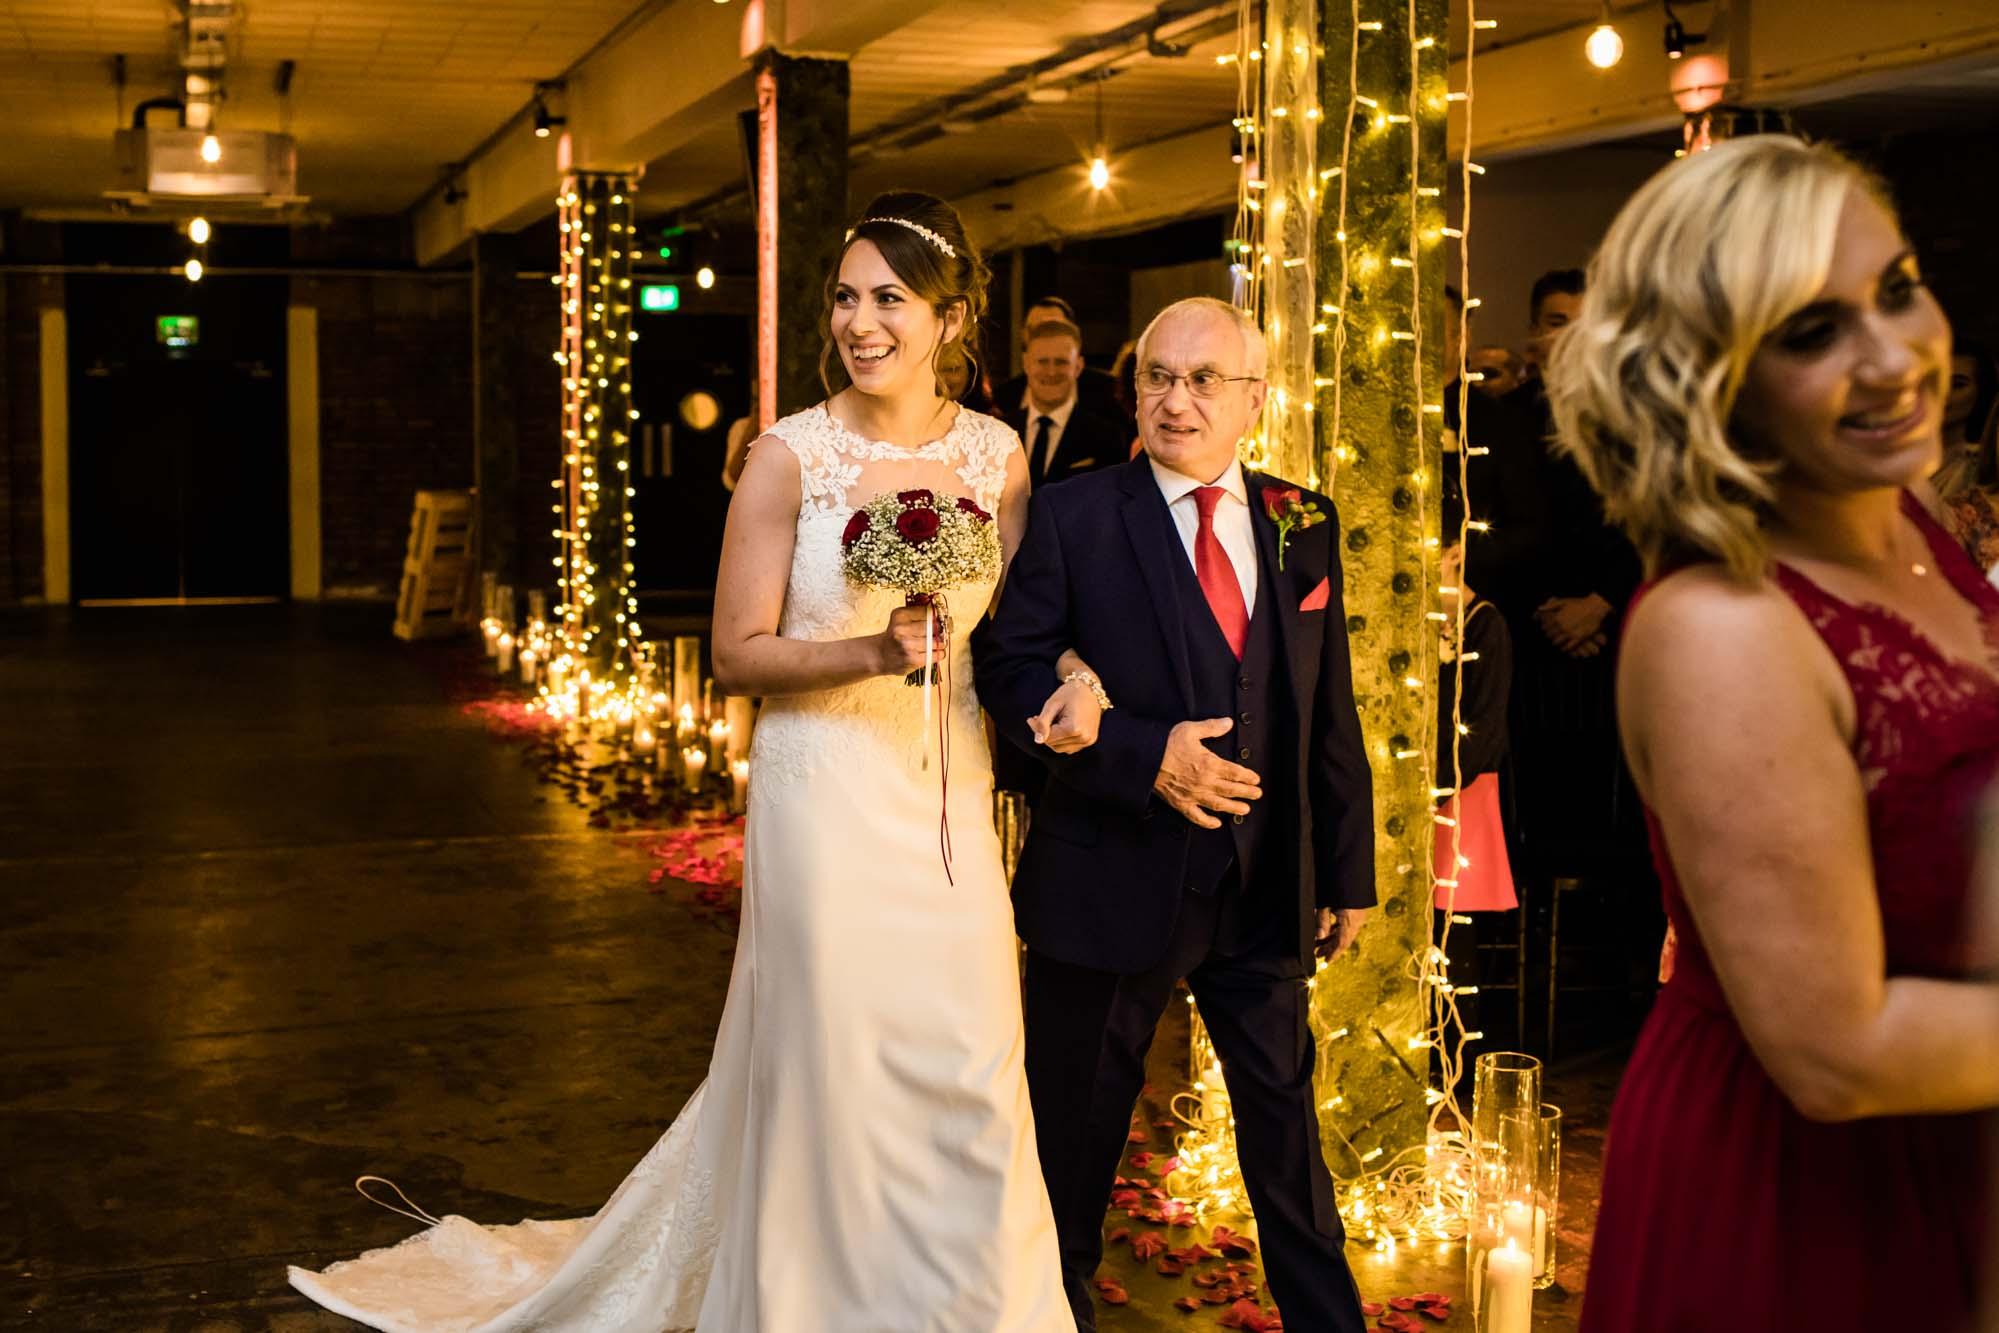 Victoria Warehouse Wedding Ceremony